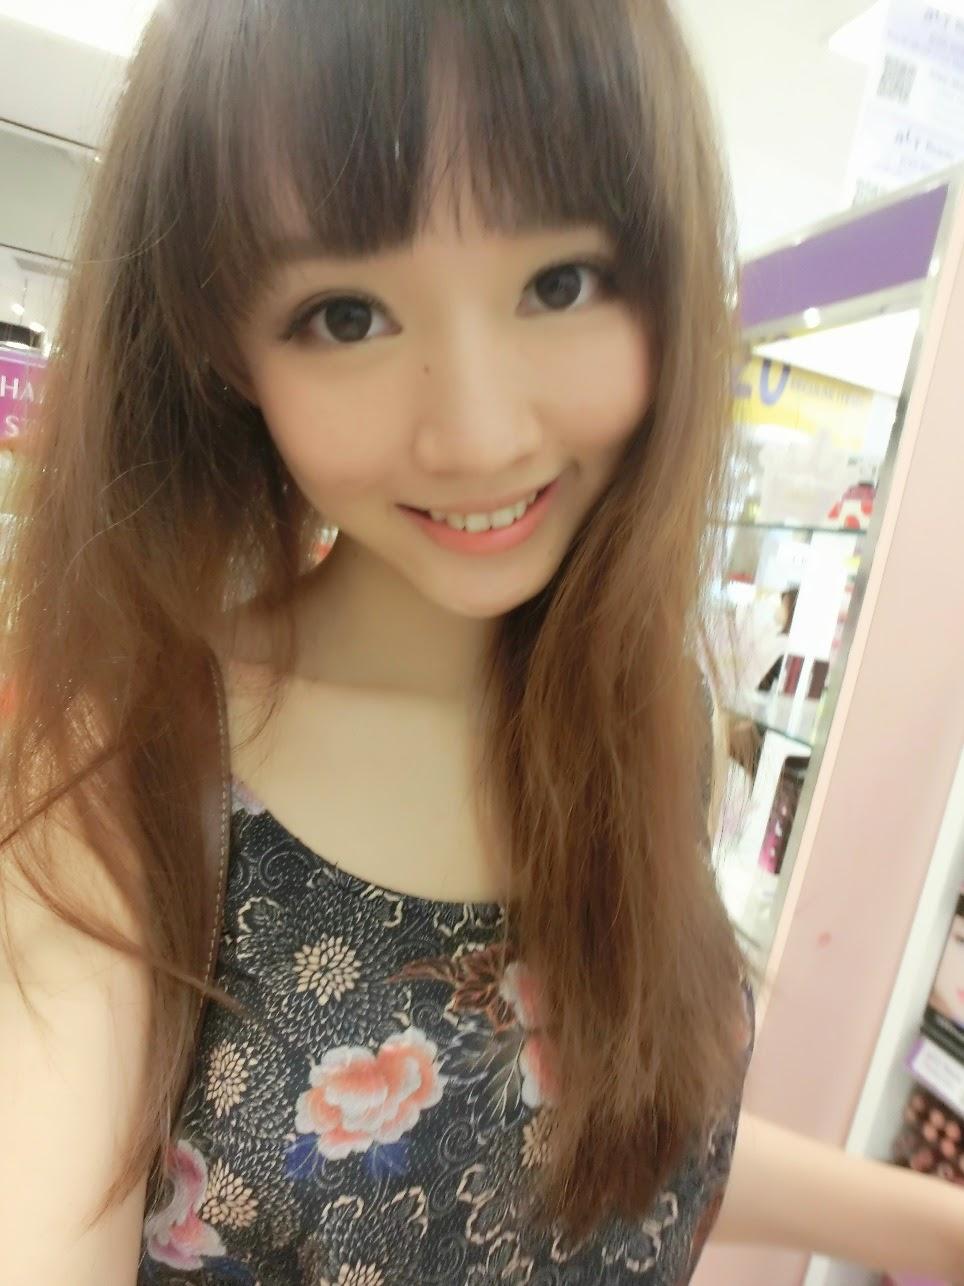 Snap Rachelrachx Japanese Innocent Doll Eye Makeup Photos On Pinterest